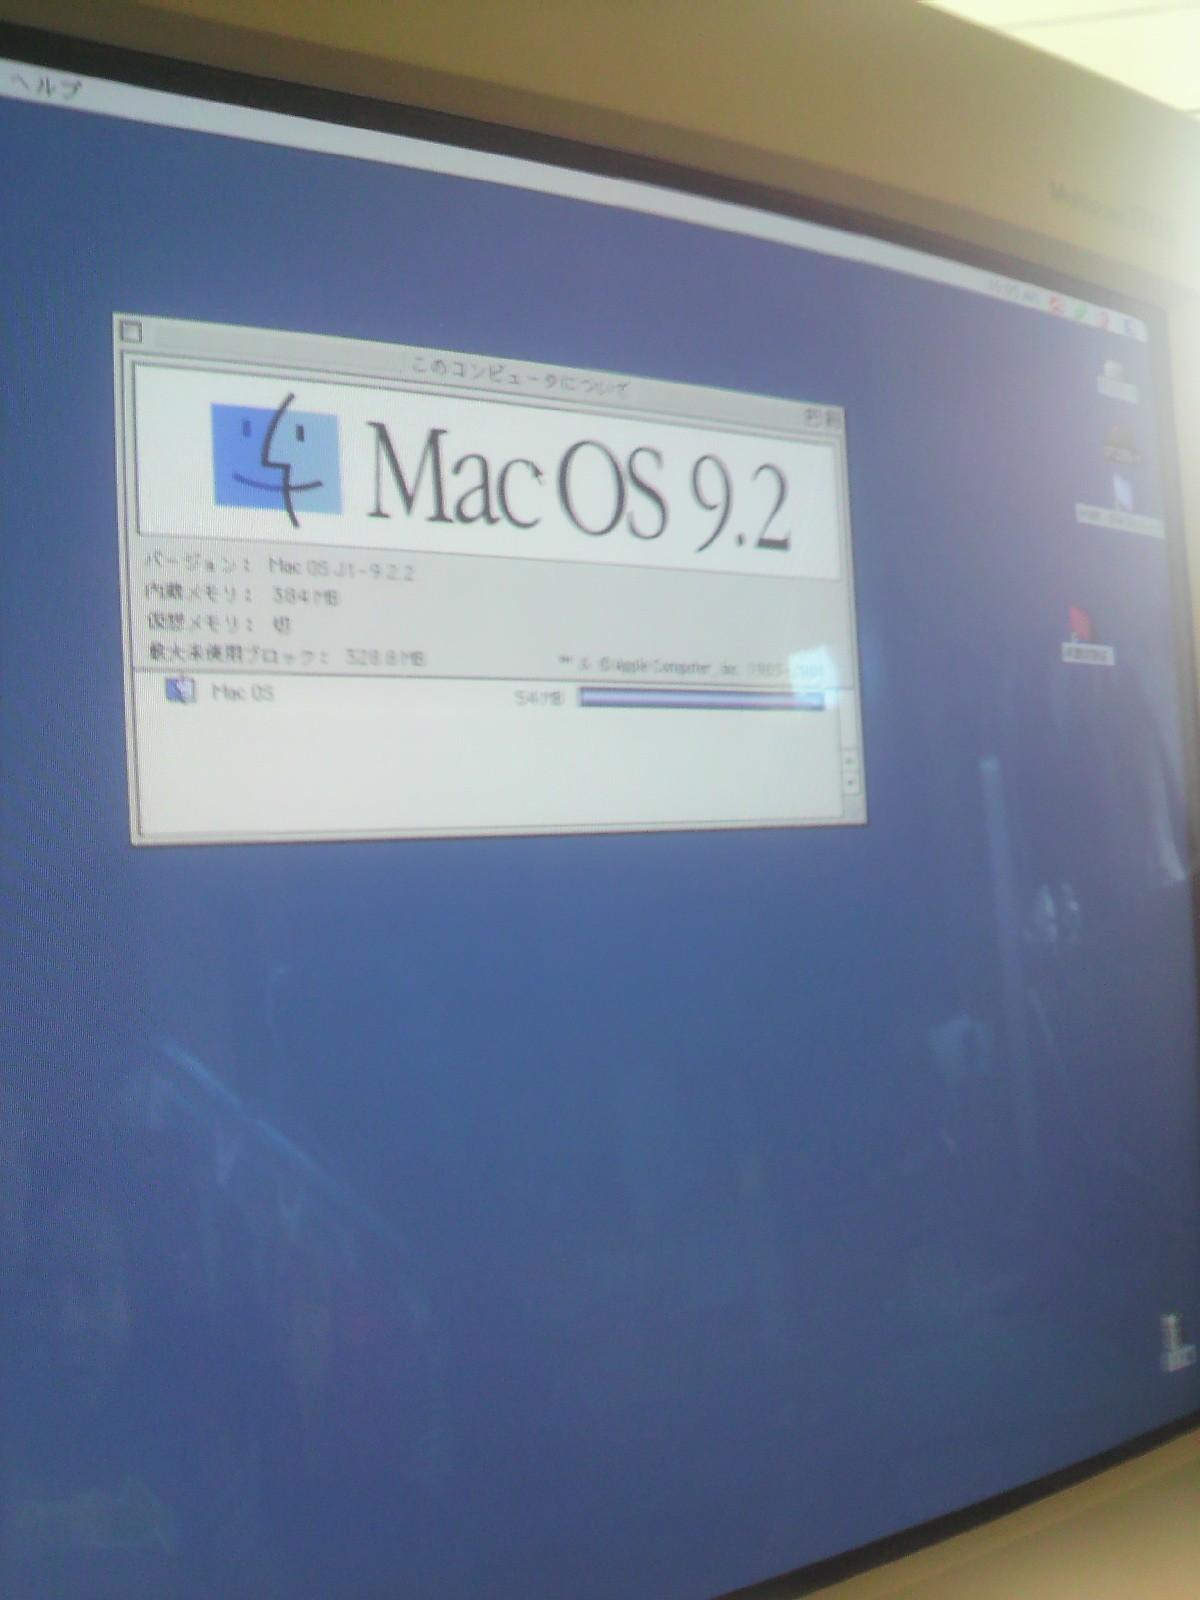 MAC OS 9.2